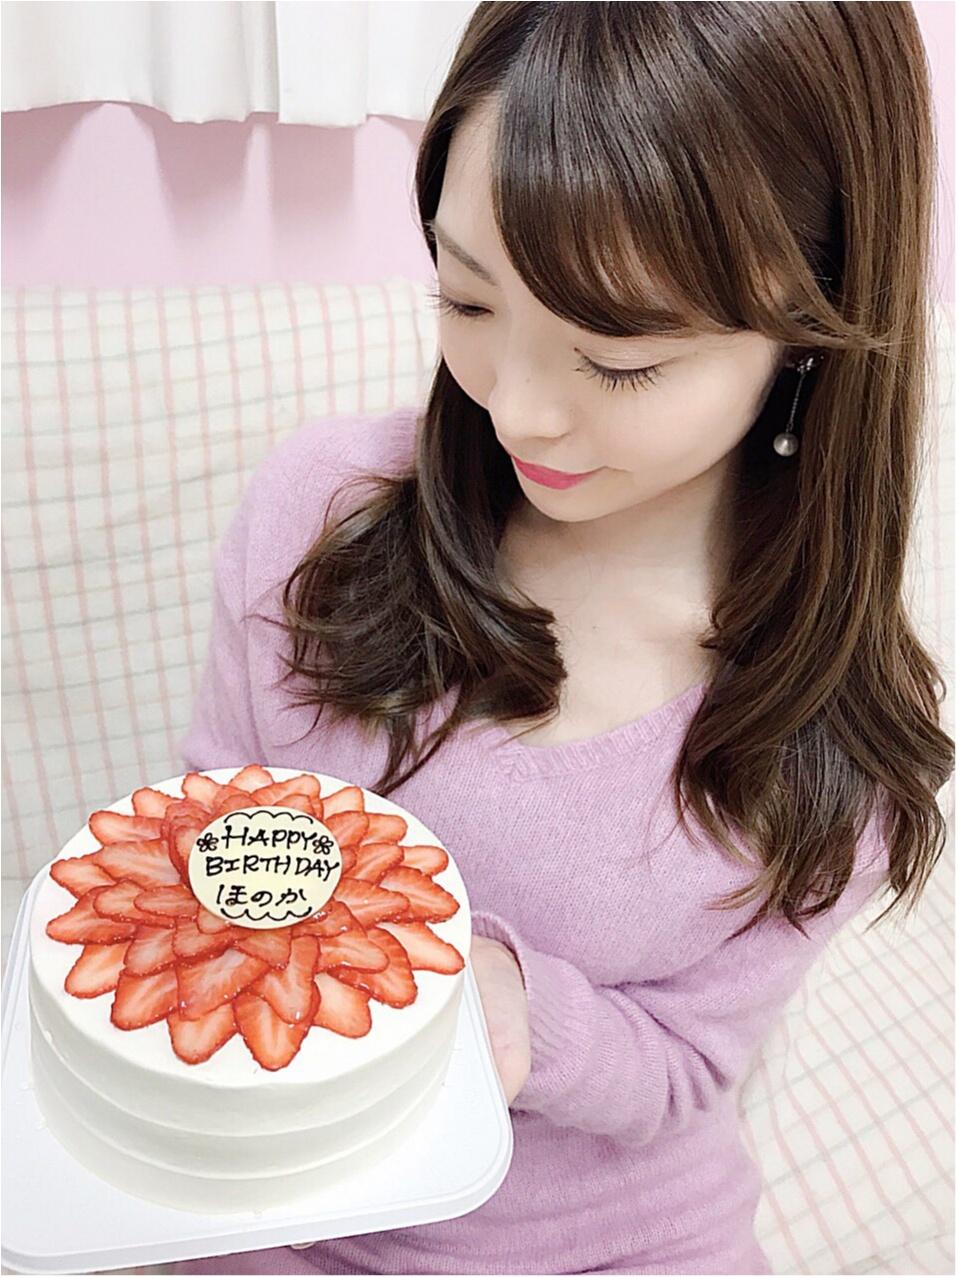 【BirthDayGirl♡】可愛いケーキと先取りお祝いしていただきました!!_3